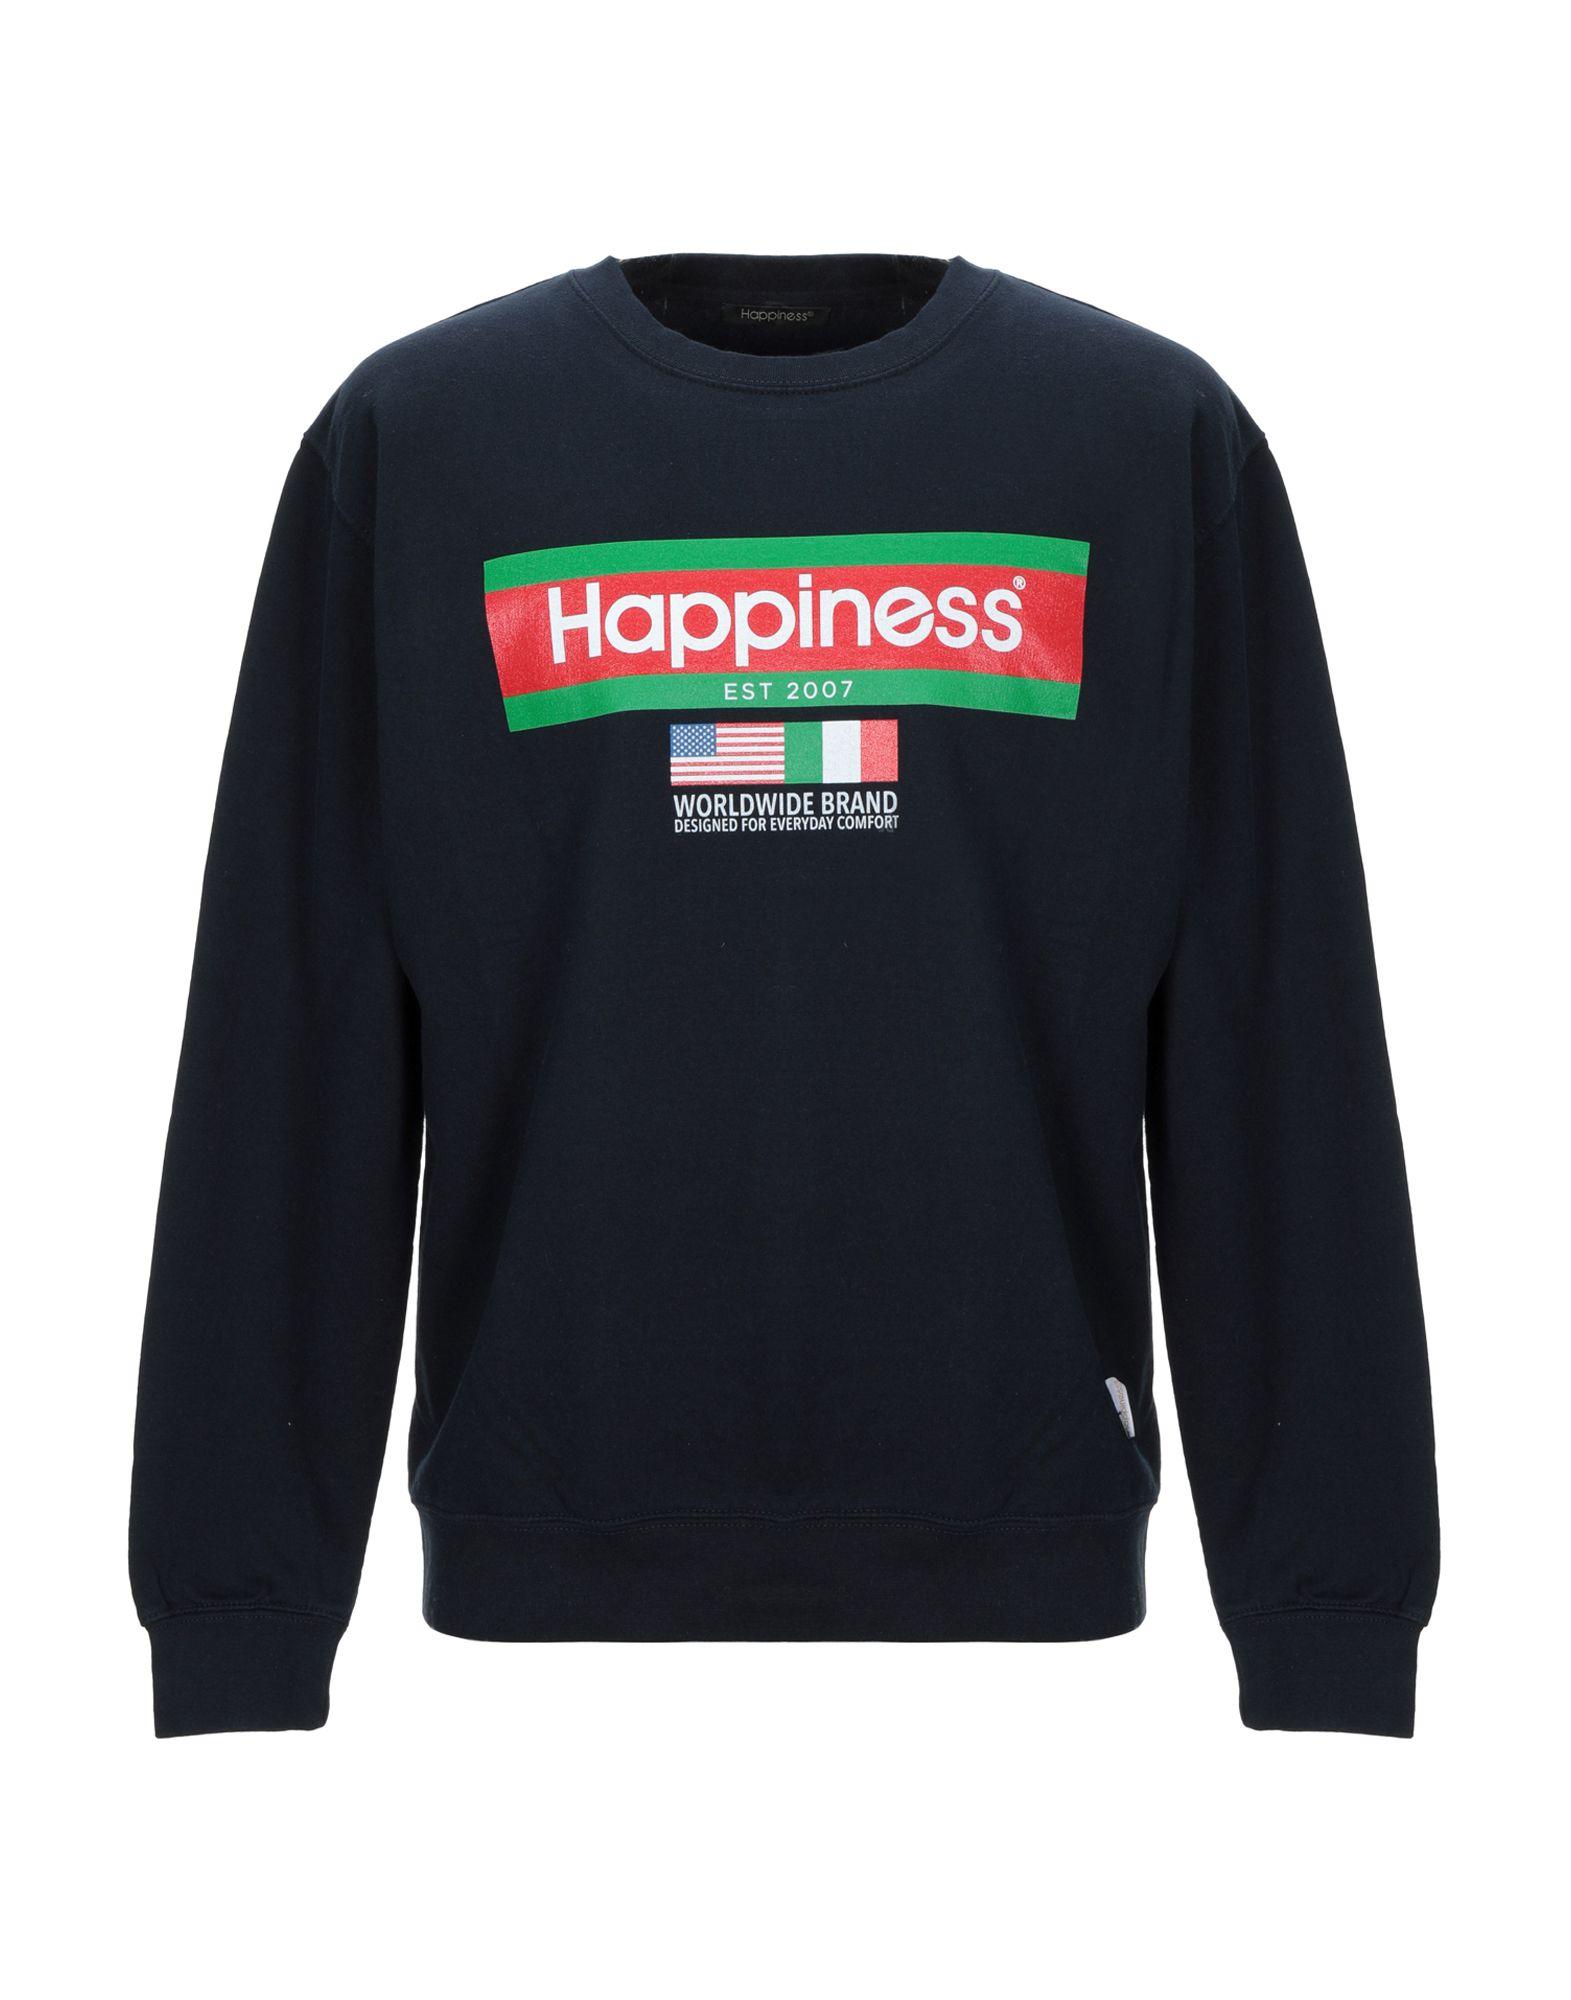 цены на HAPPINESS Толстовка  в интернет-магазинах